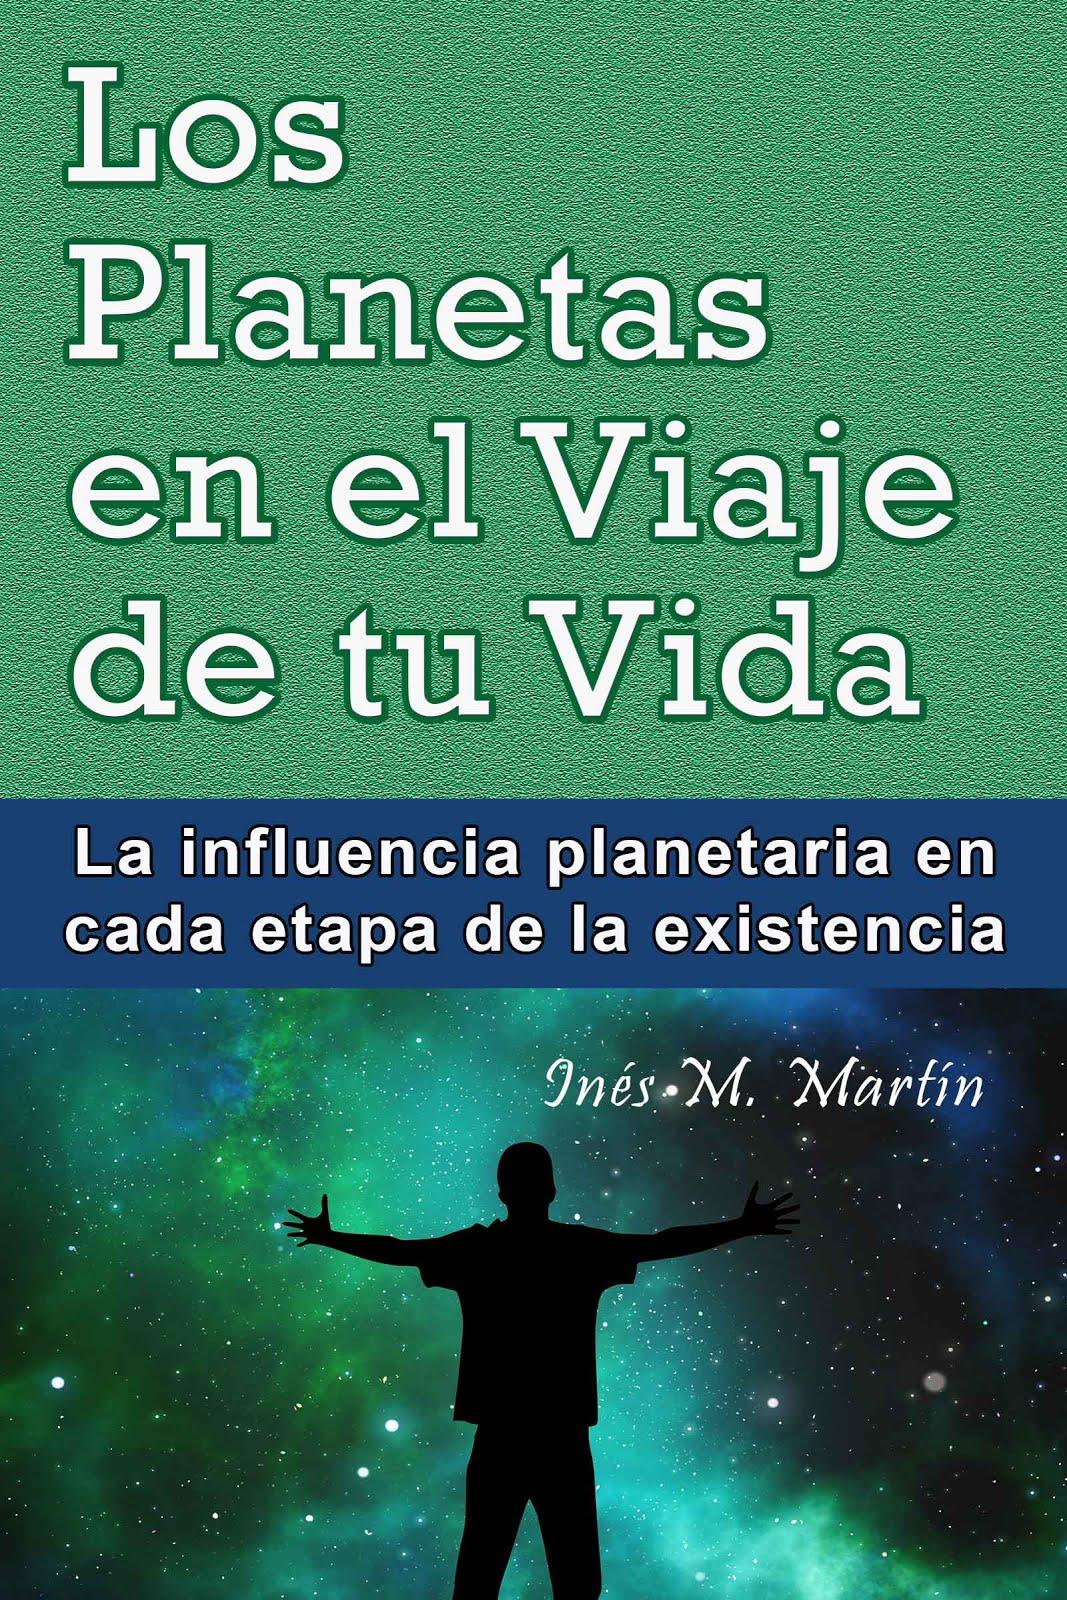 Los Planetas en el Viaje de tu Vida